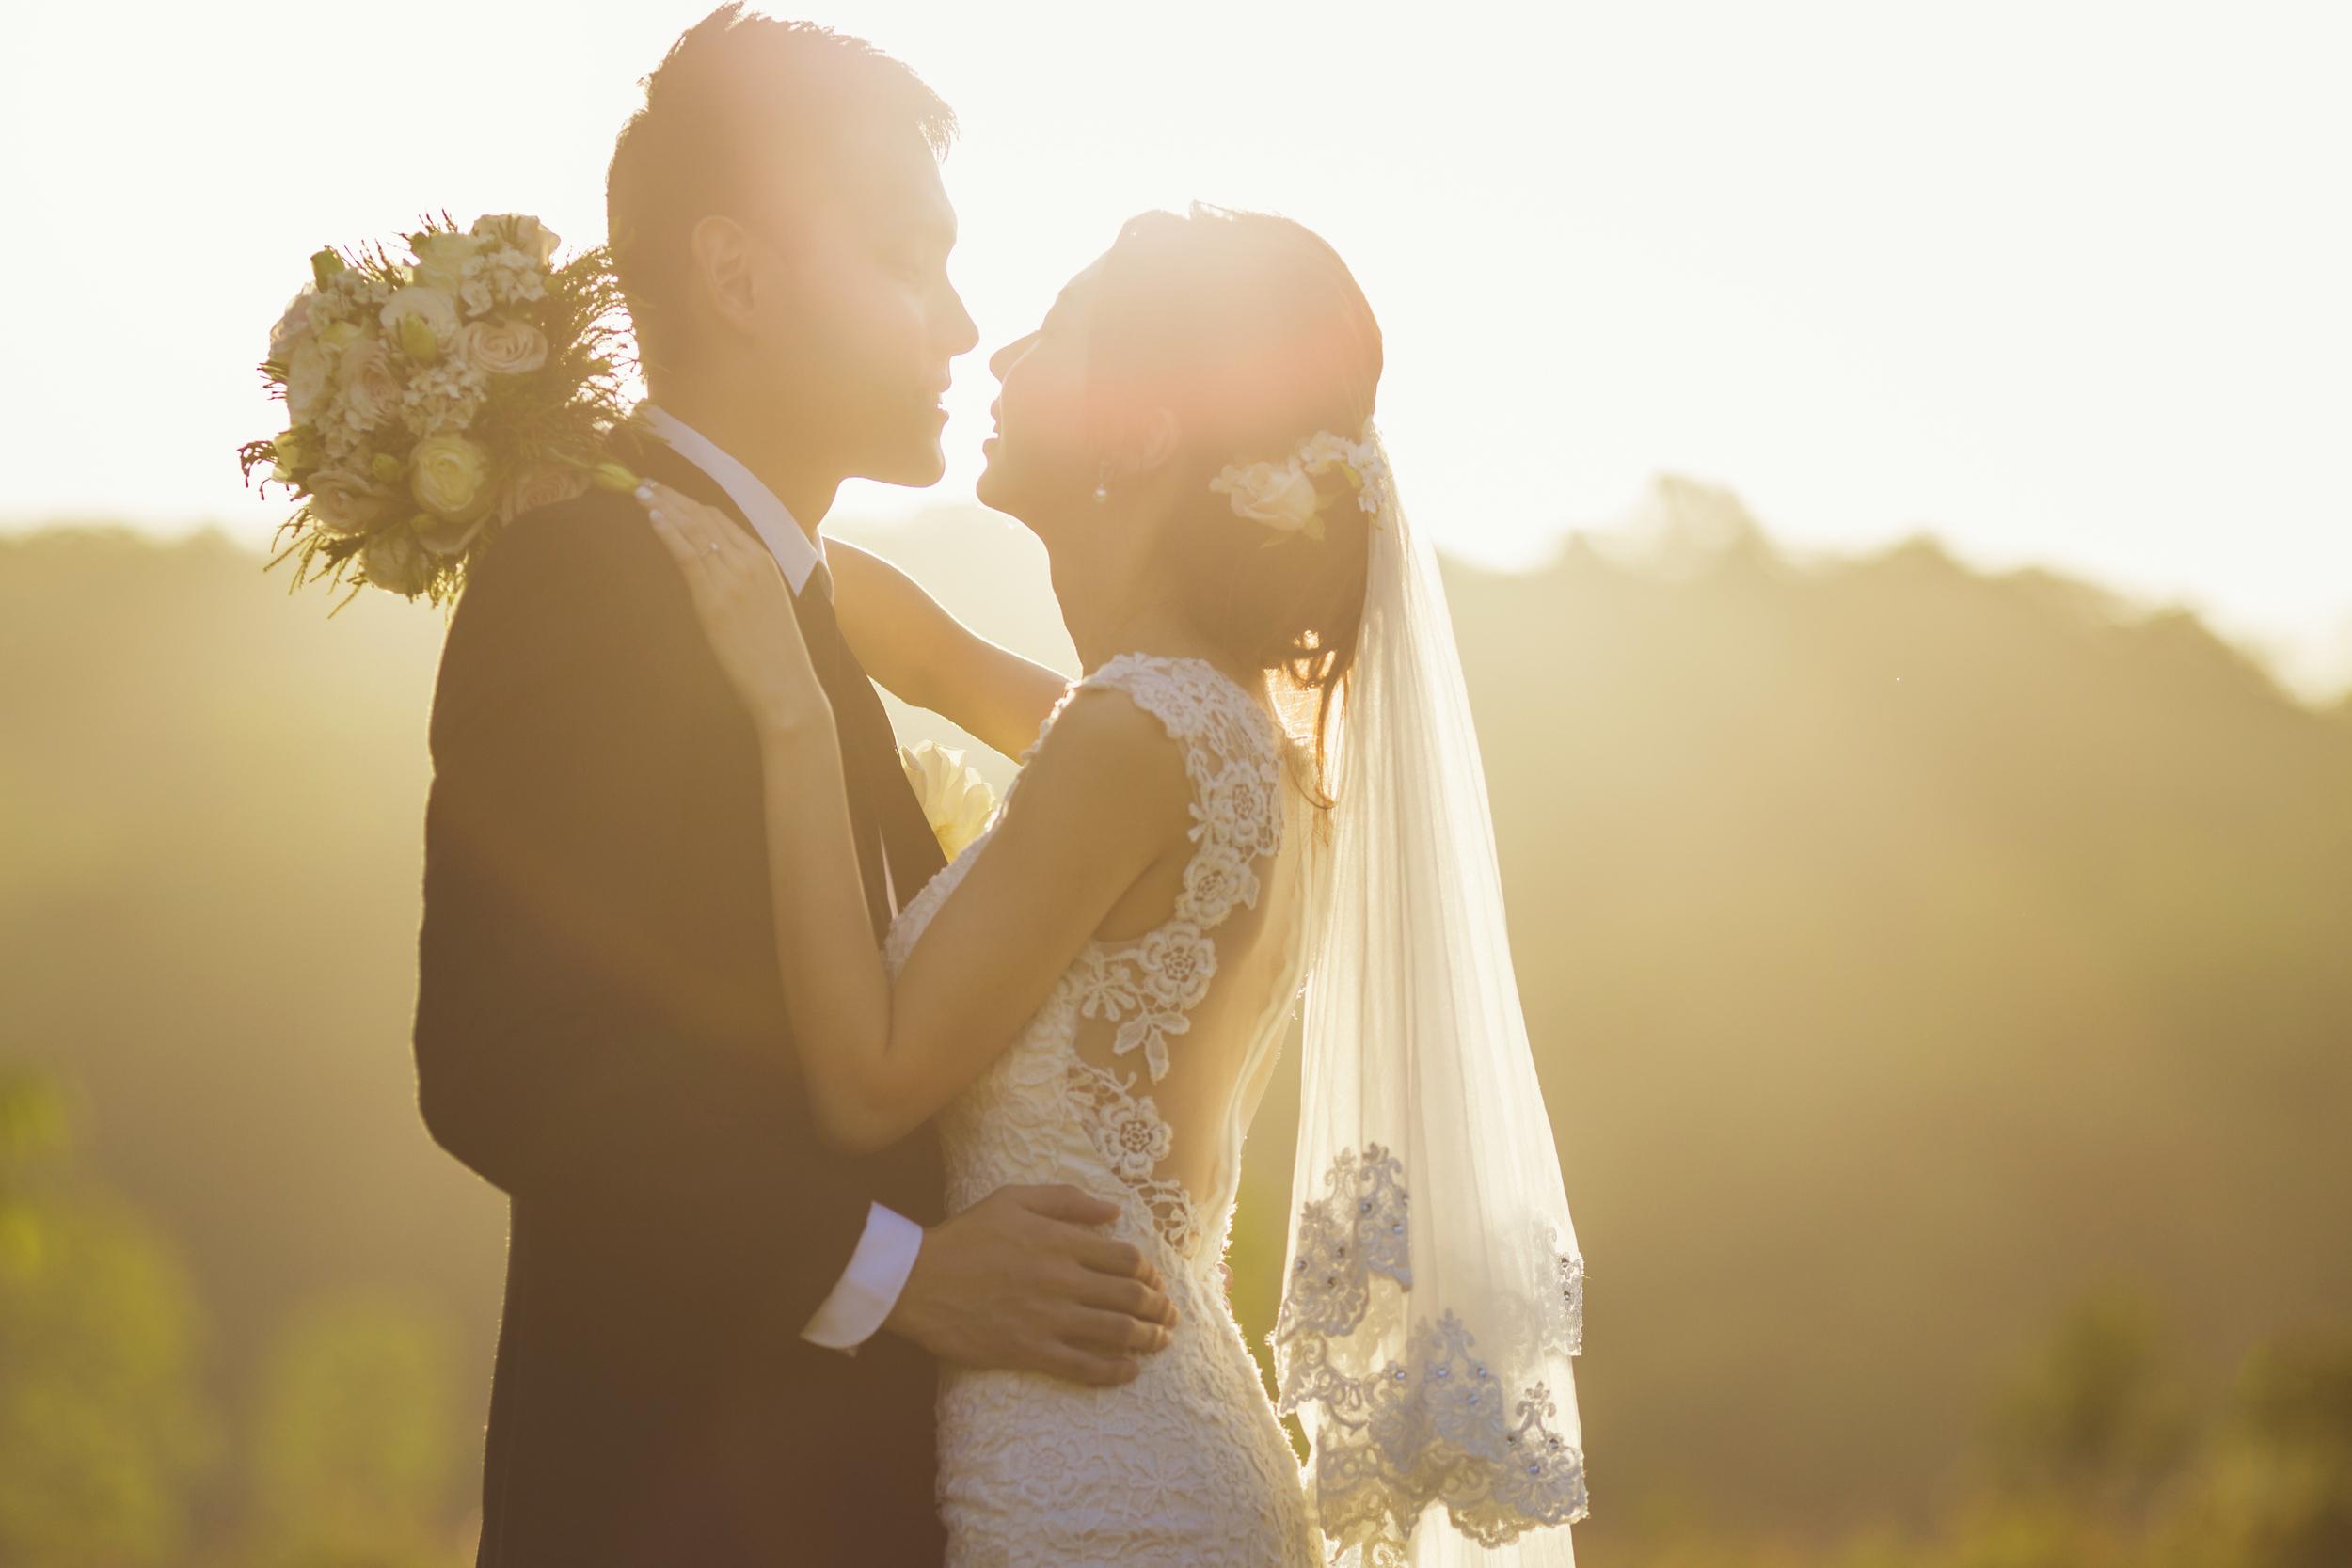 Wedding of Ken and Jieyin.Image taken at Bukit Panjang Park